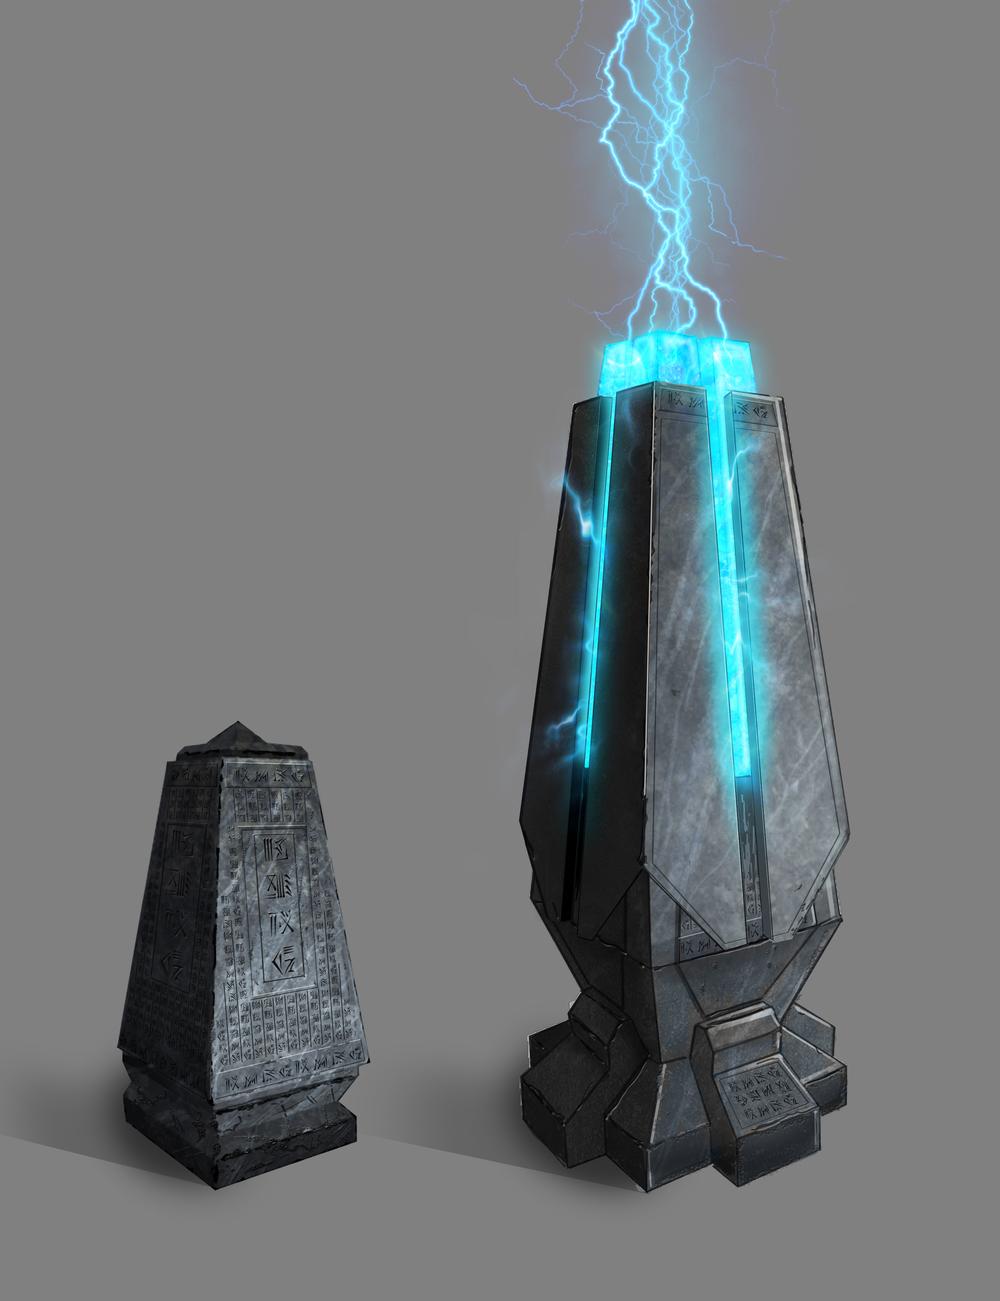 Crytid obelisk concept